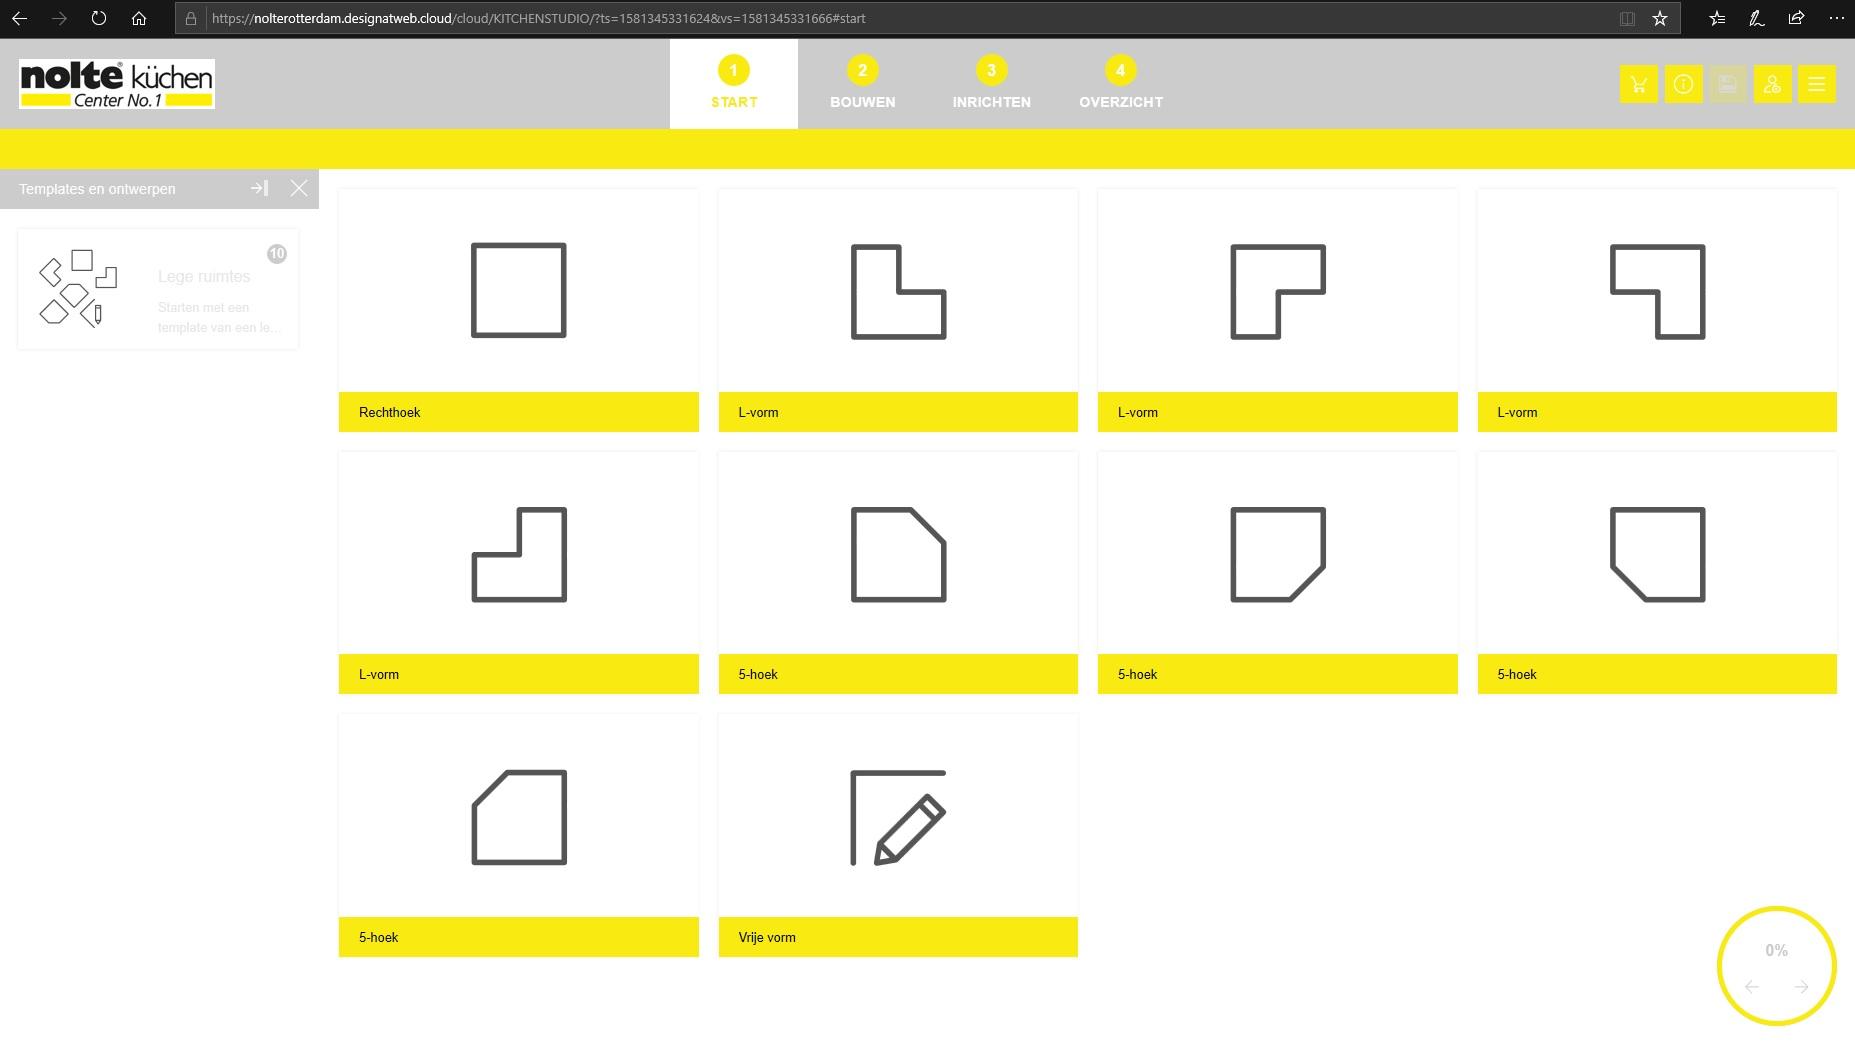 3d keukenplanner de website van noltekeukensrotterdam for Keuken ontwerp programma downloaden